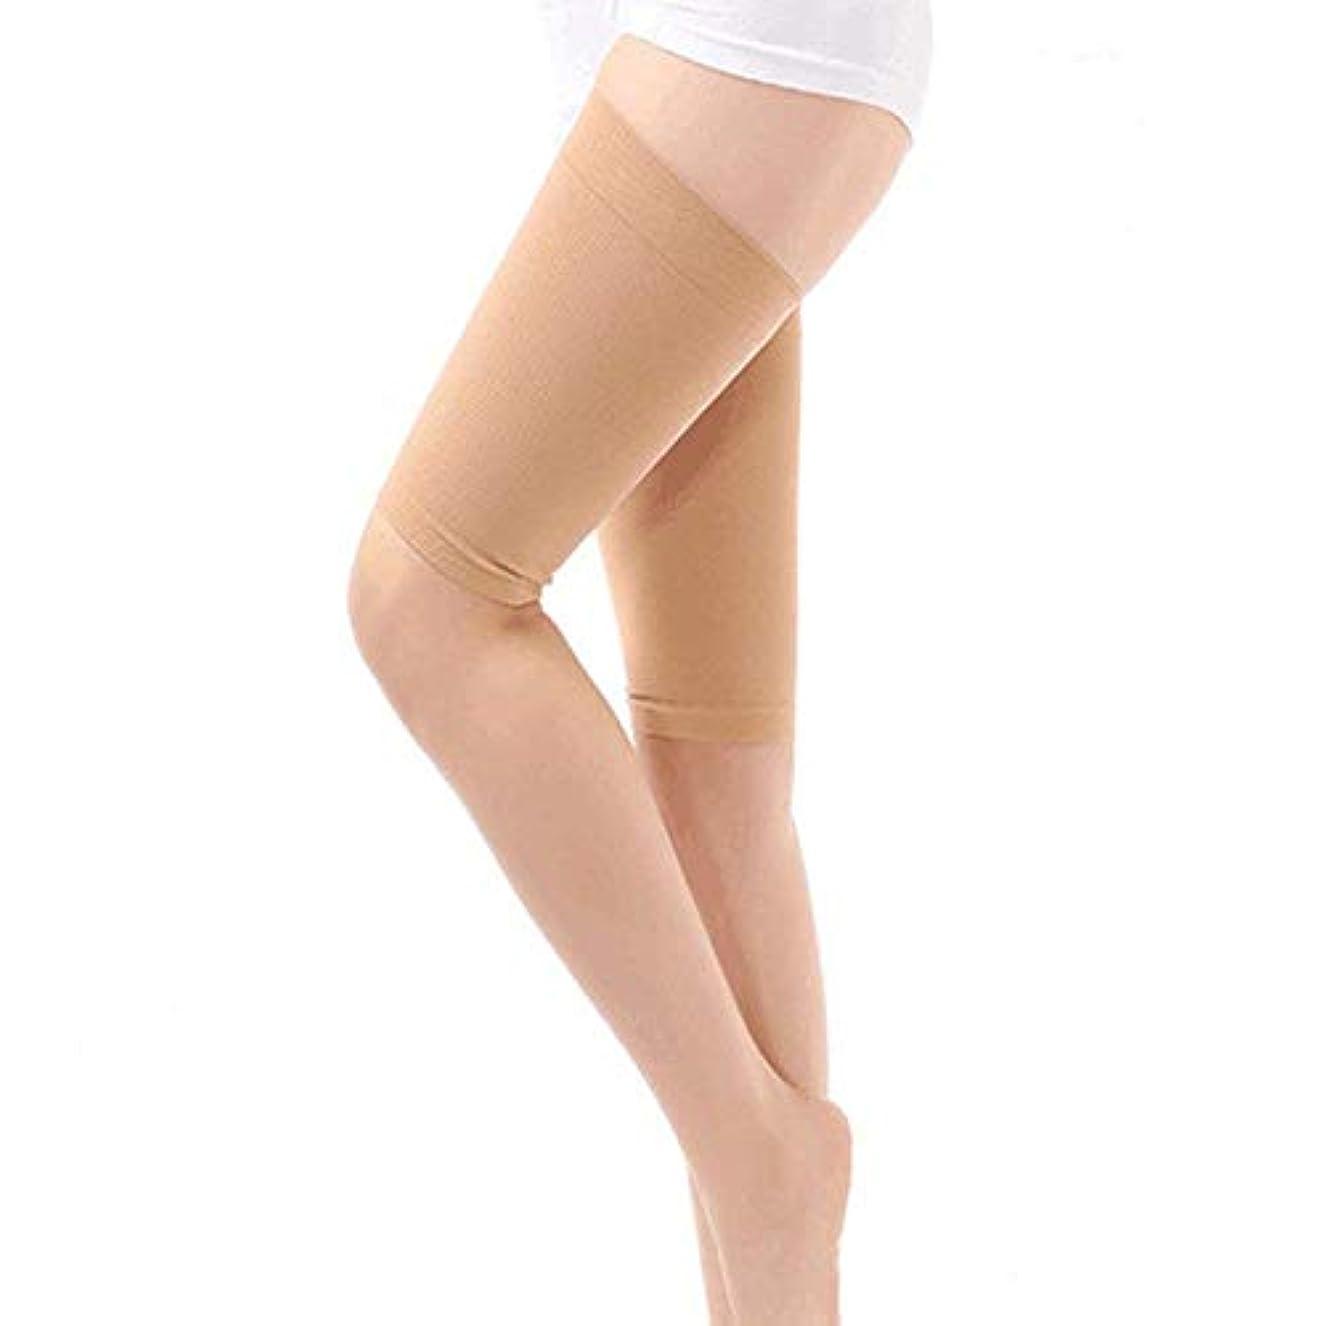 因子ケニアうめき太もも燃焼 むくみ セルライト 除去 婦人科系 に作用 両足セット肌の色